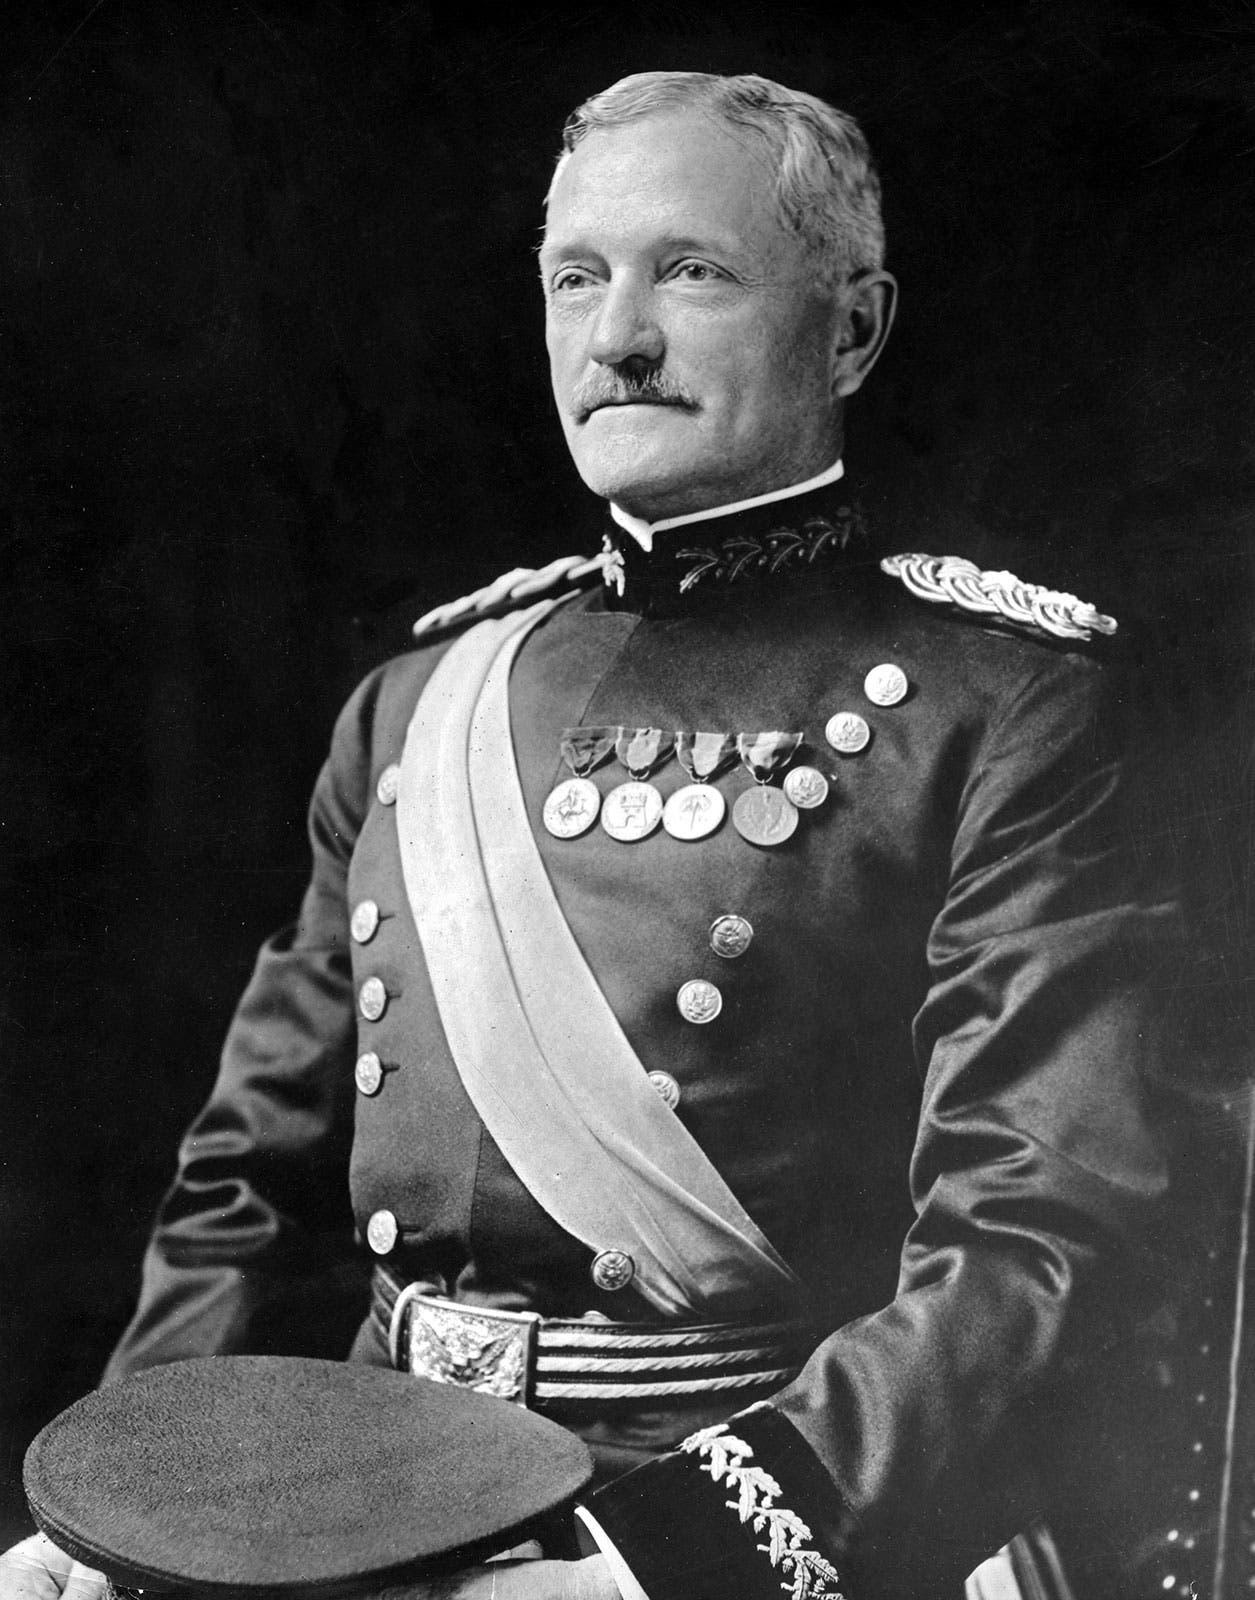 صورة للجنرال الأميركي بيرشنغ